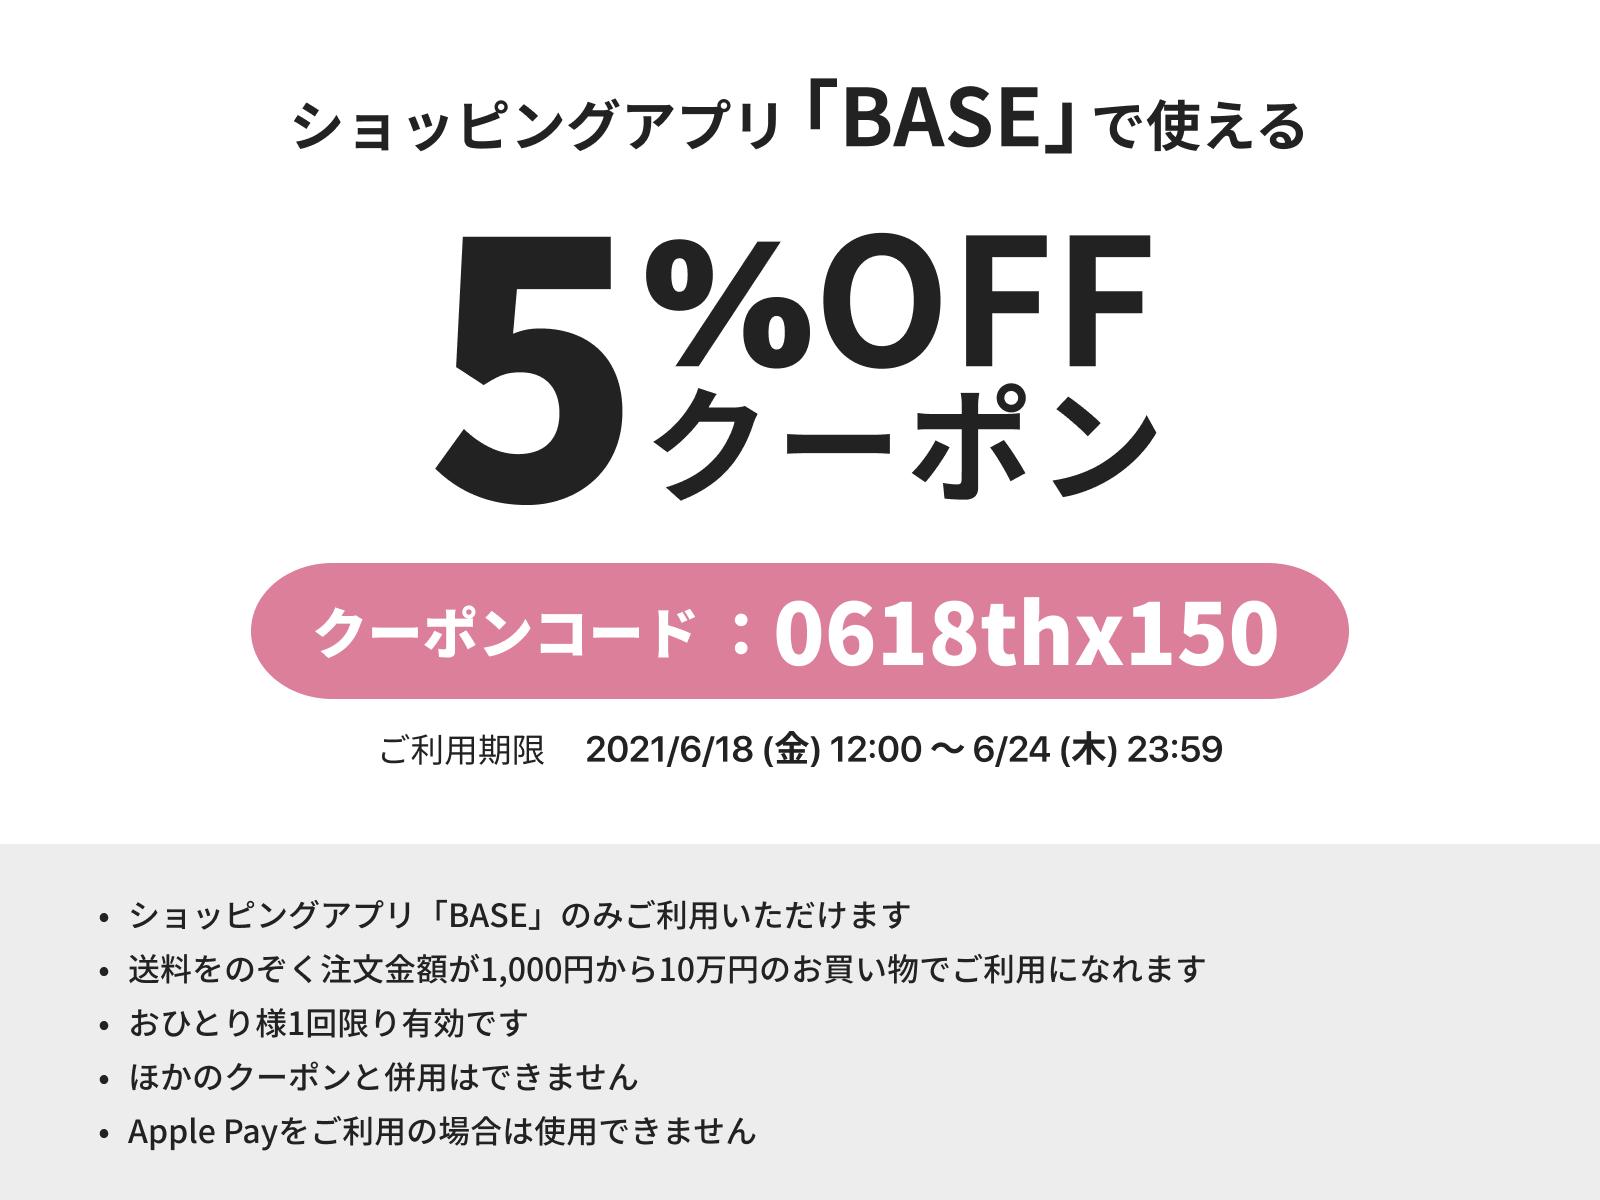 【2021/6/18~6/24 期間限定!】5%OFFクーポンをプレゼント!!